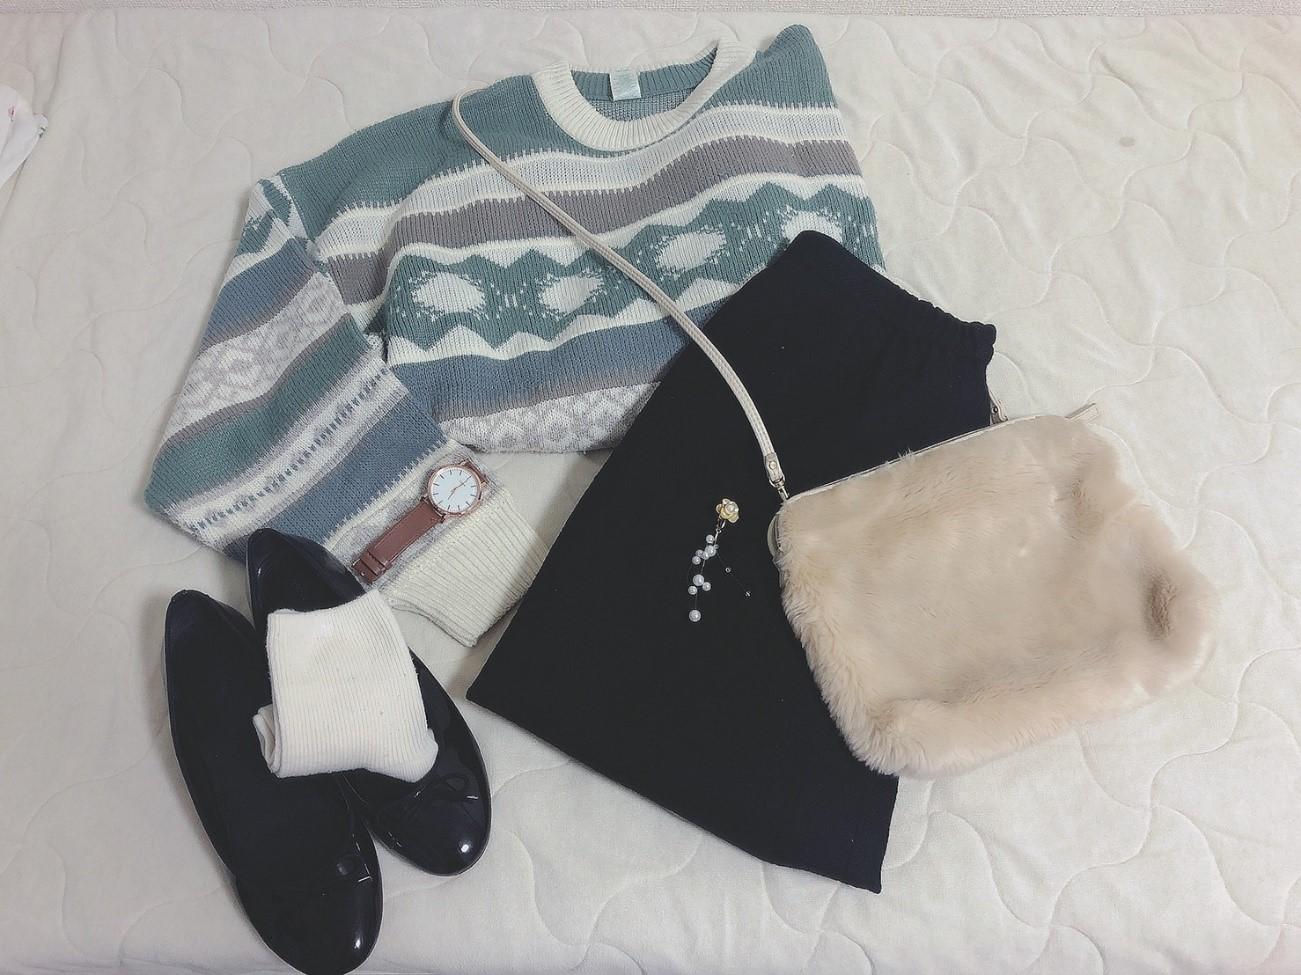 【もう悩まなくてOK!】女子大生・オシャレに着まわし冬服コーデ7Days